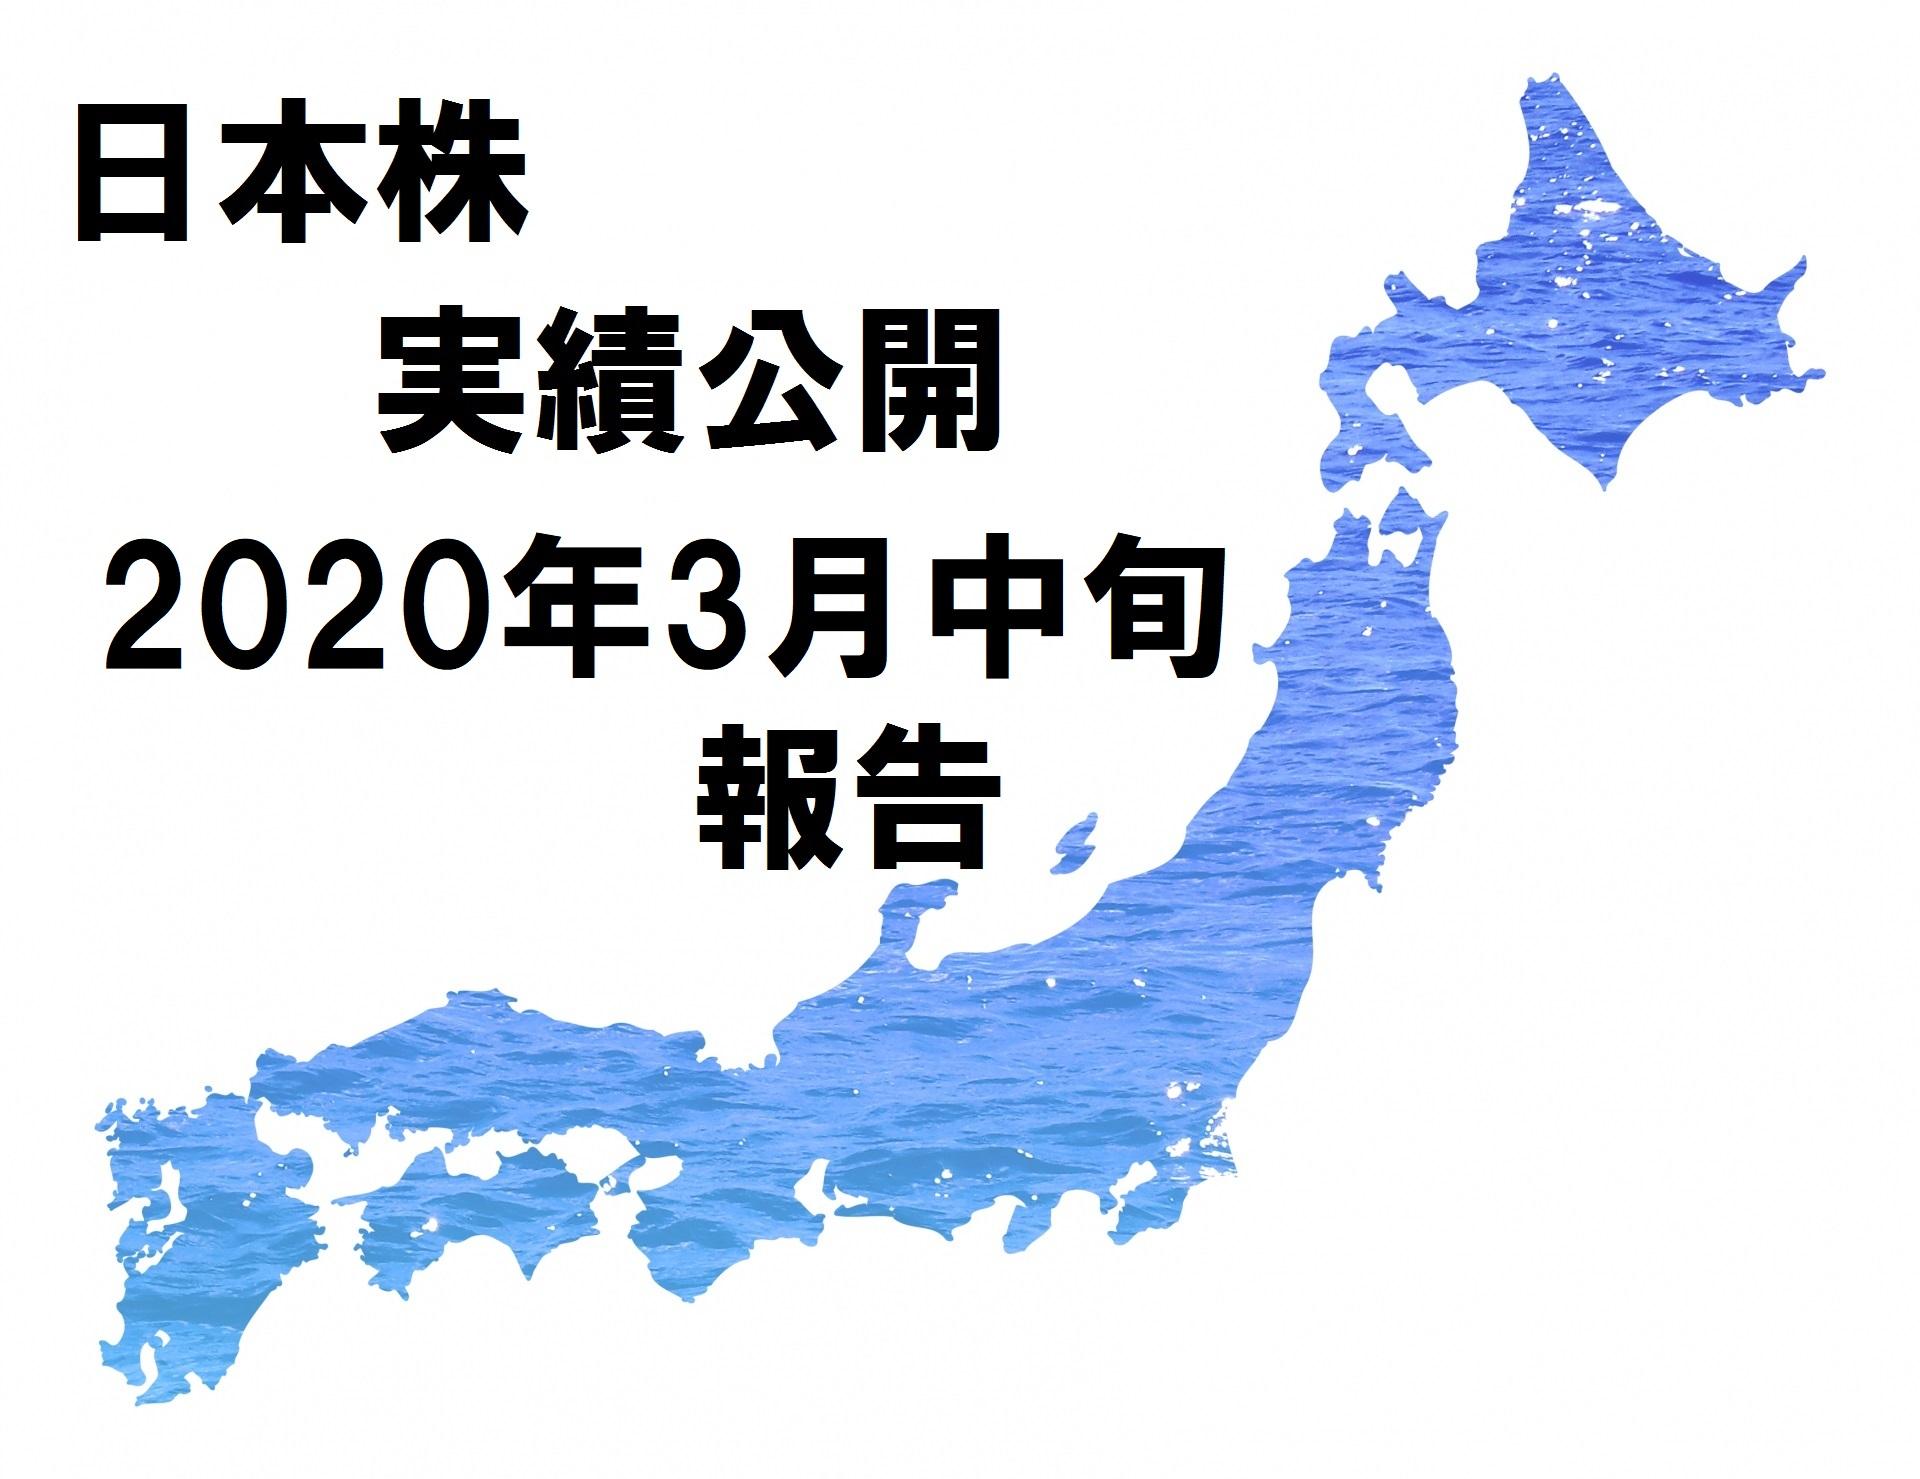 2020年3月中旬時点での日本株実績報告(底なし沼の今)